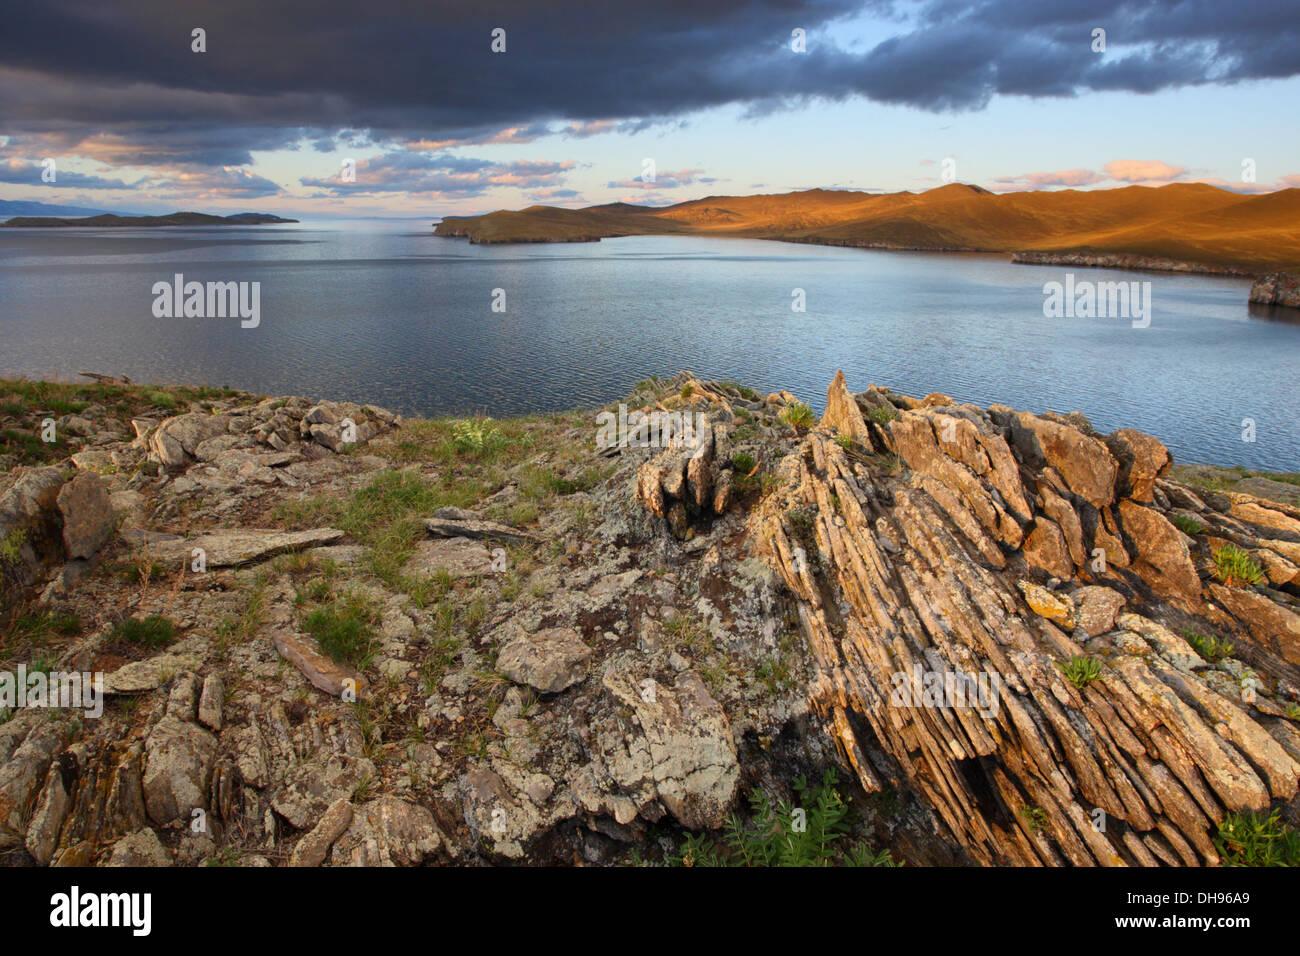 Ver al pequeño mar (lago Baikal) desde Khibin isla. Siberia, Rusia Imagen De Stock